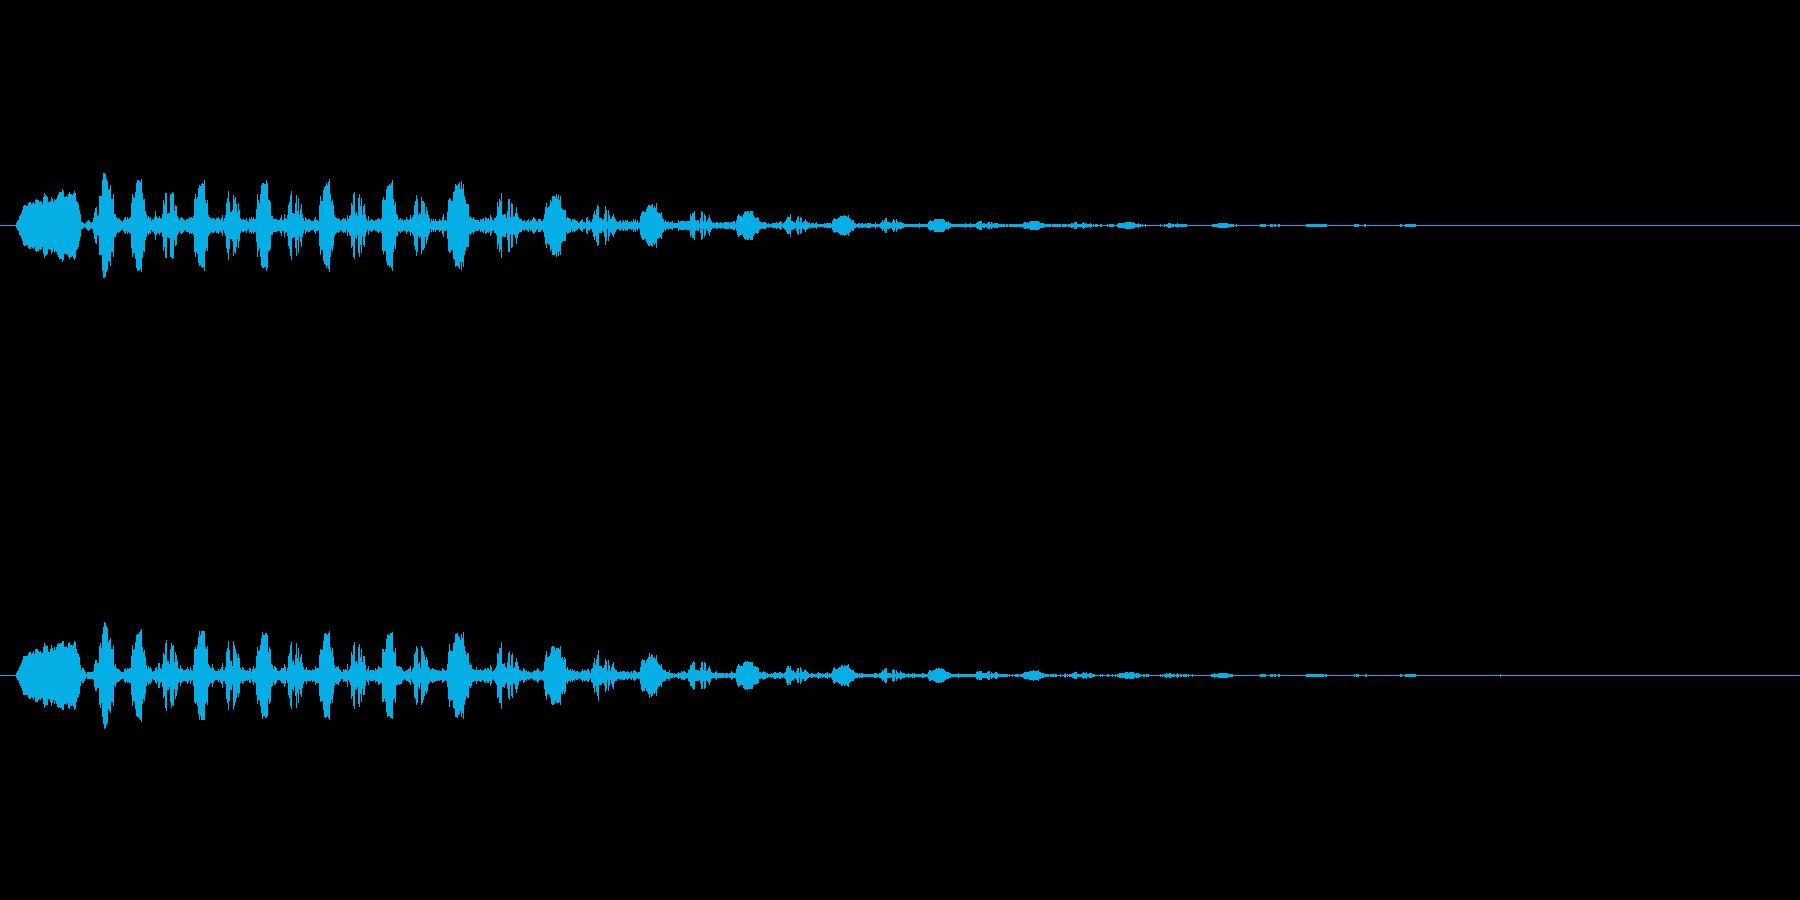 鳥のさえずりの再生済みの波形